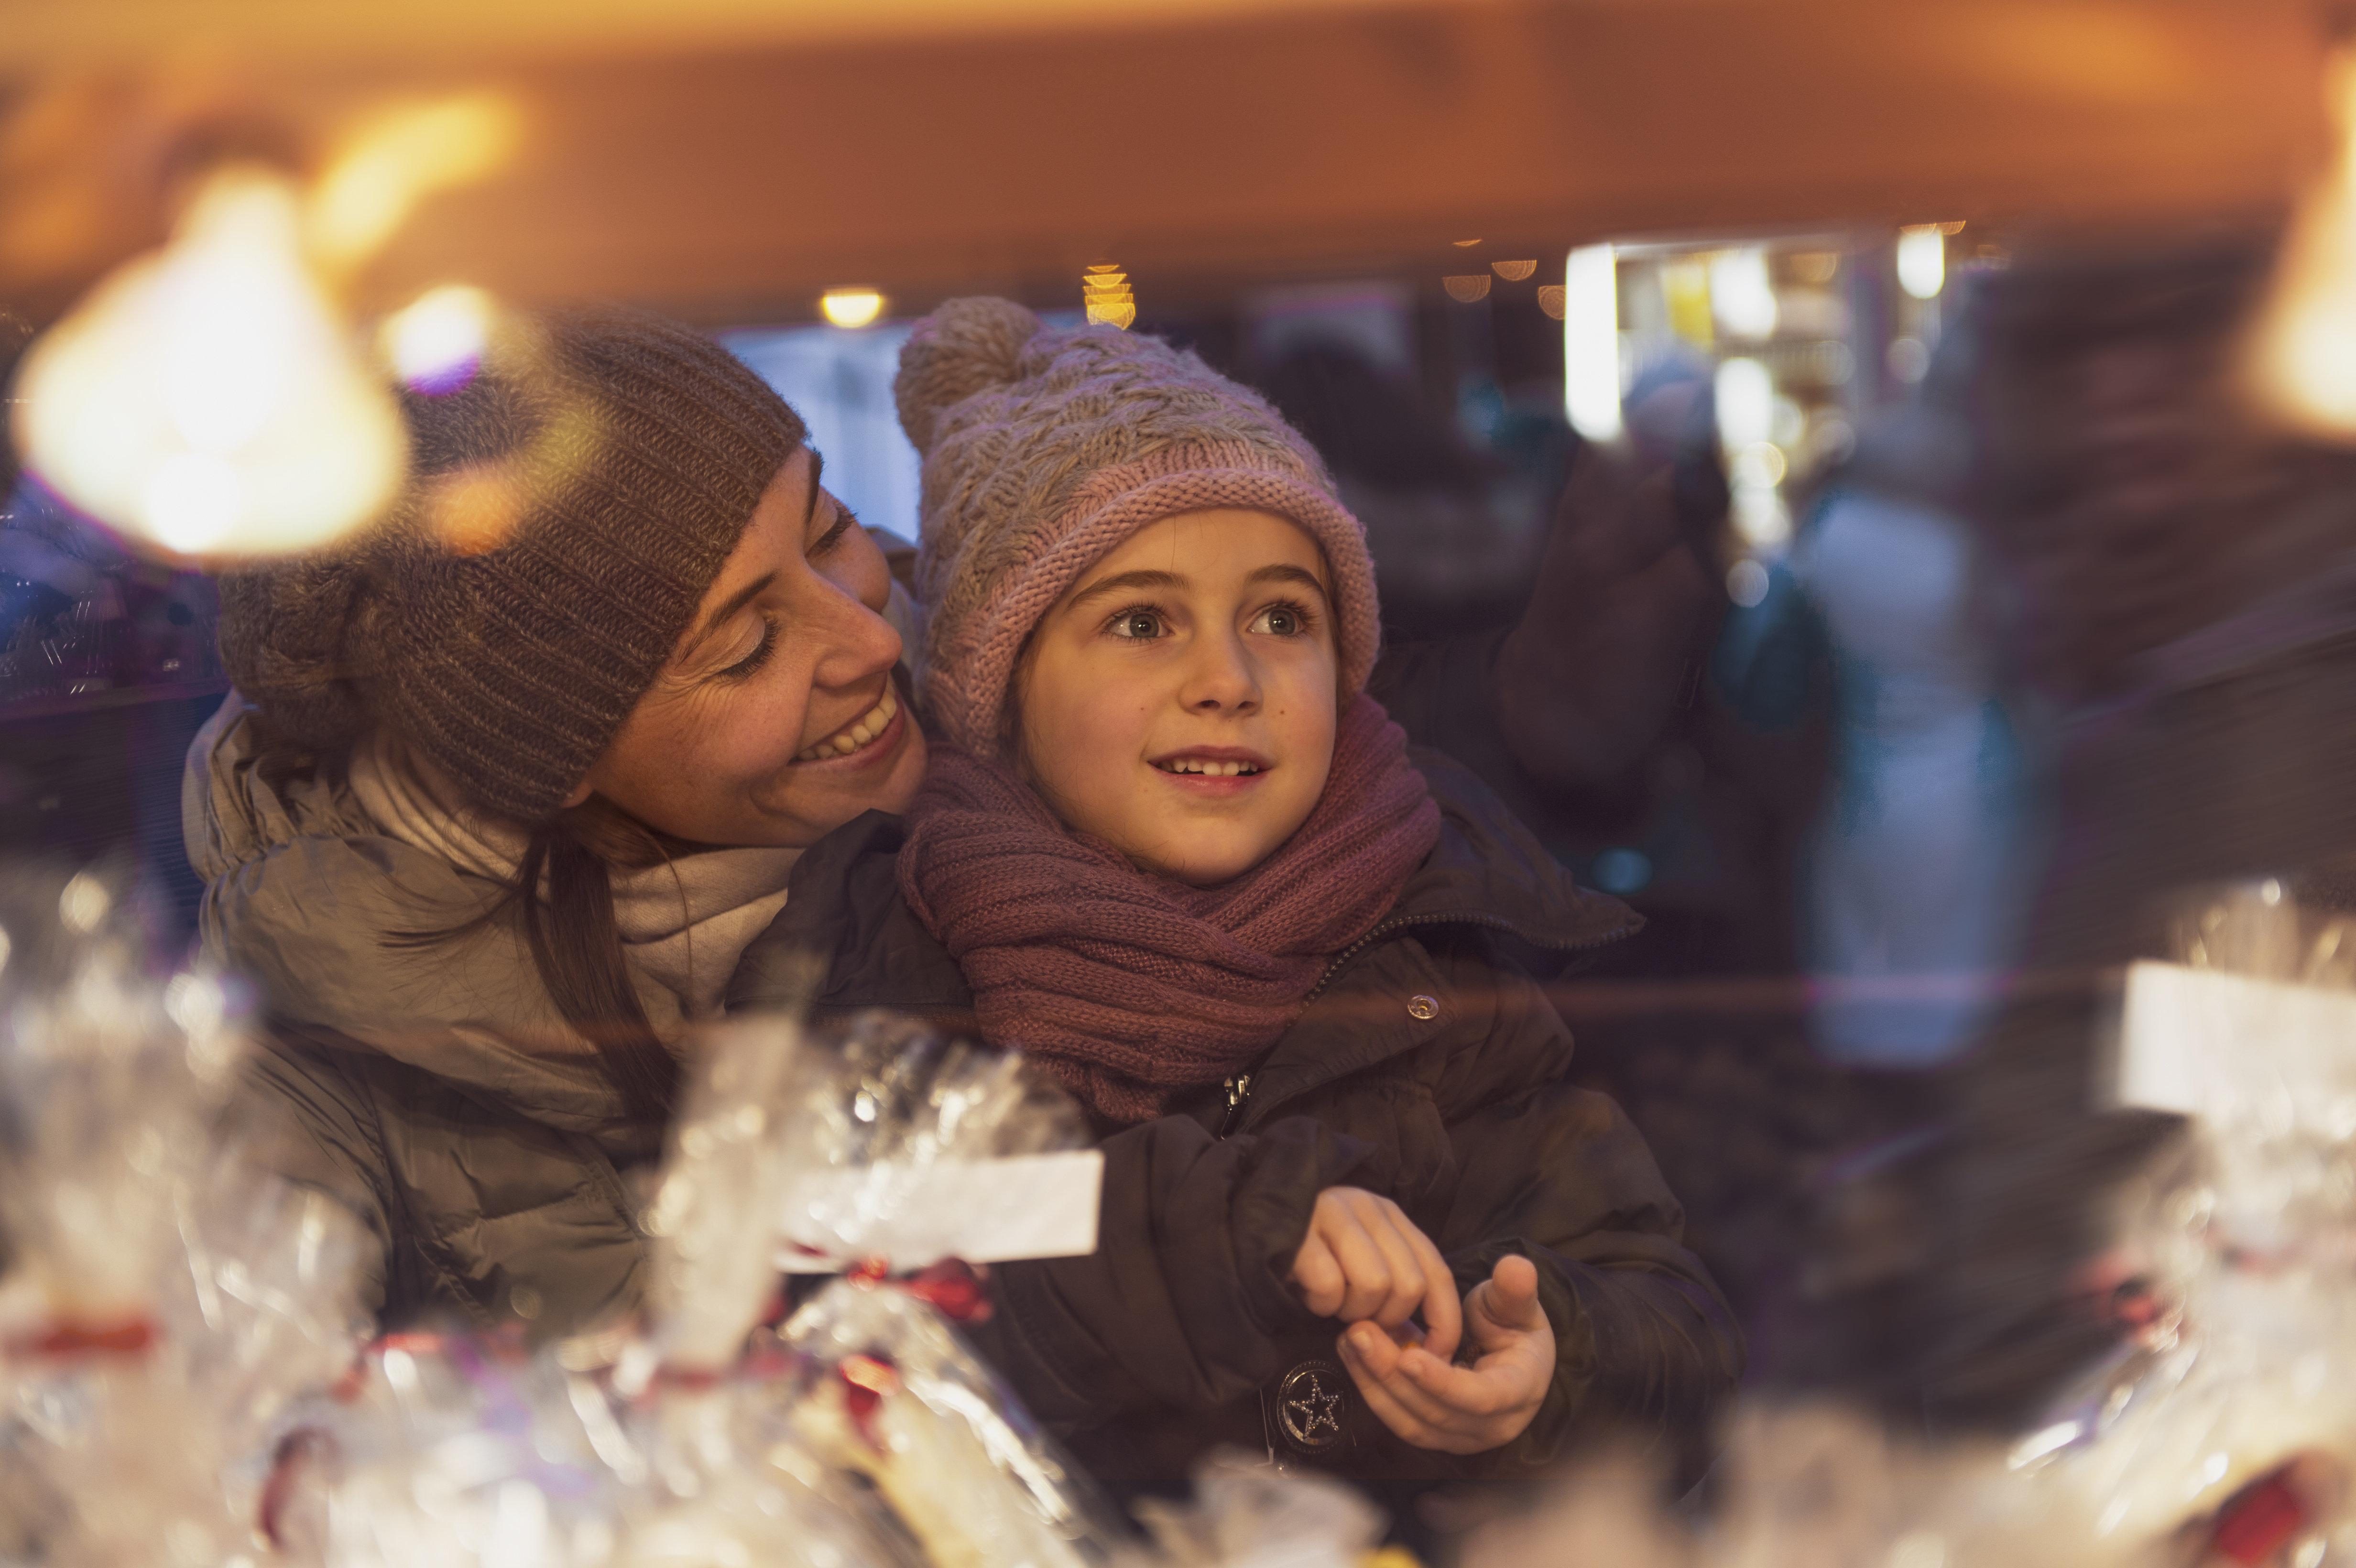 Warum Kinder, die keine Spielsachen zu Weihnachten bekommen, einen entscheidenden Vorteil im Leben